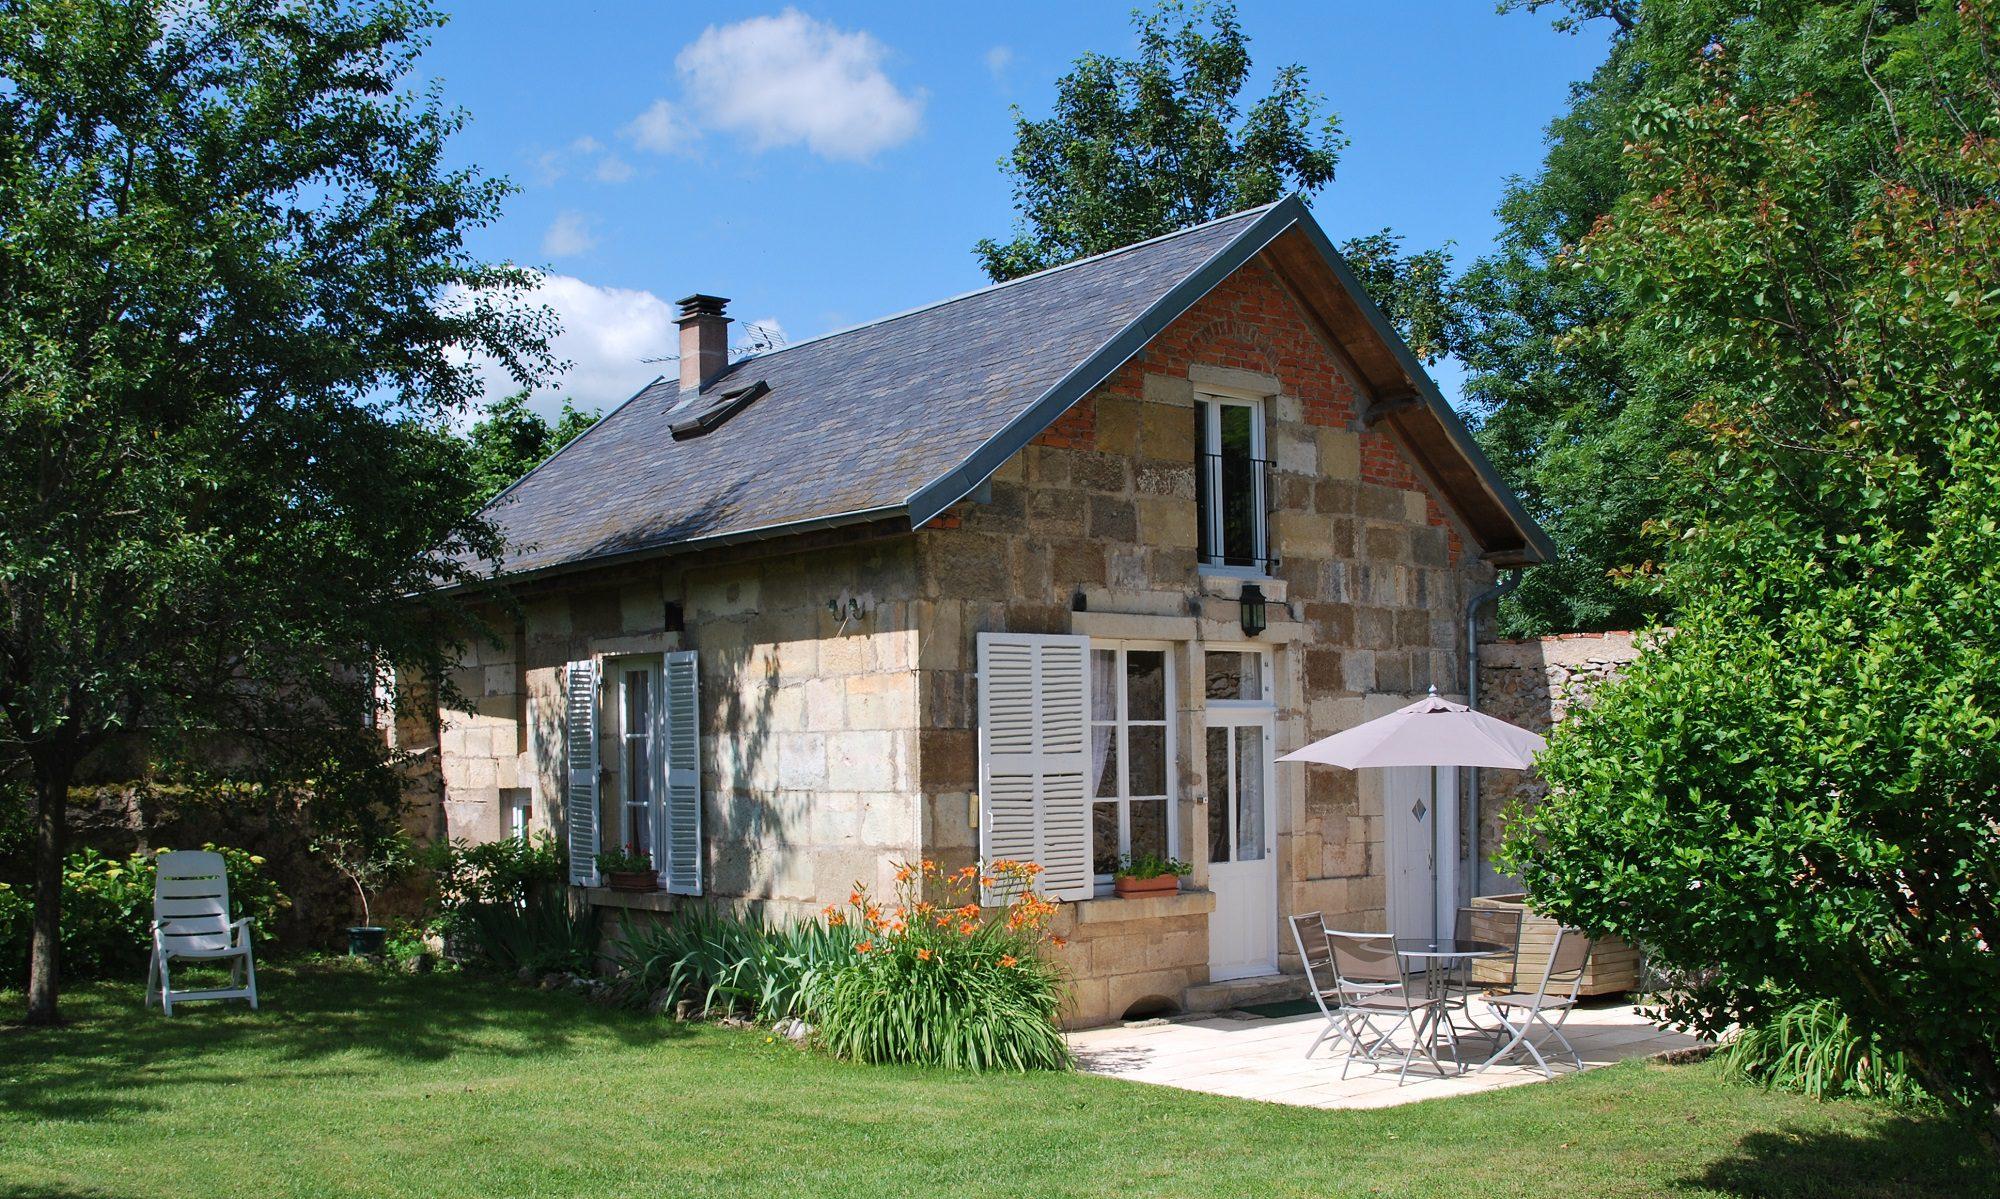 La maison des ruelles - Bourgogne